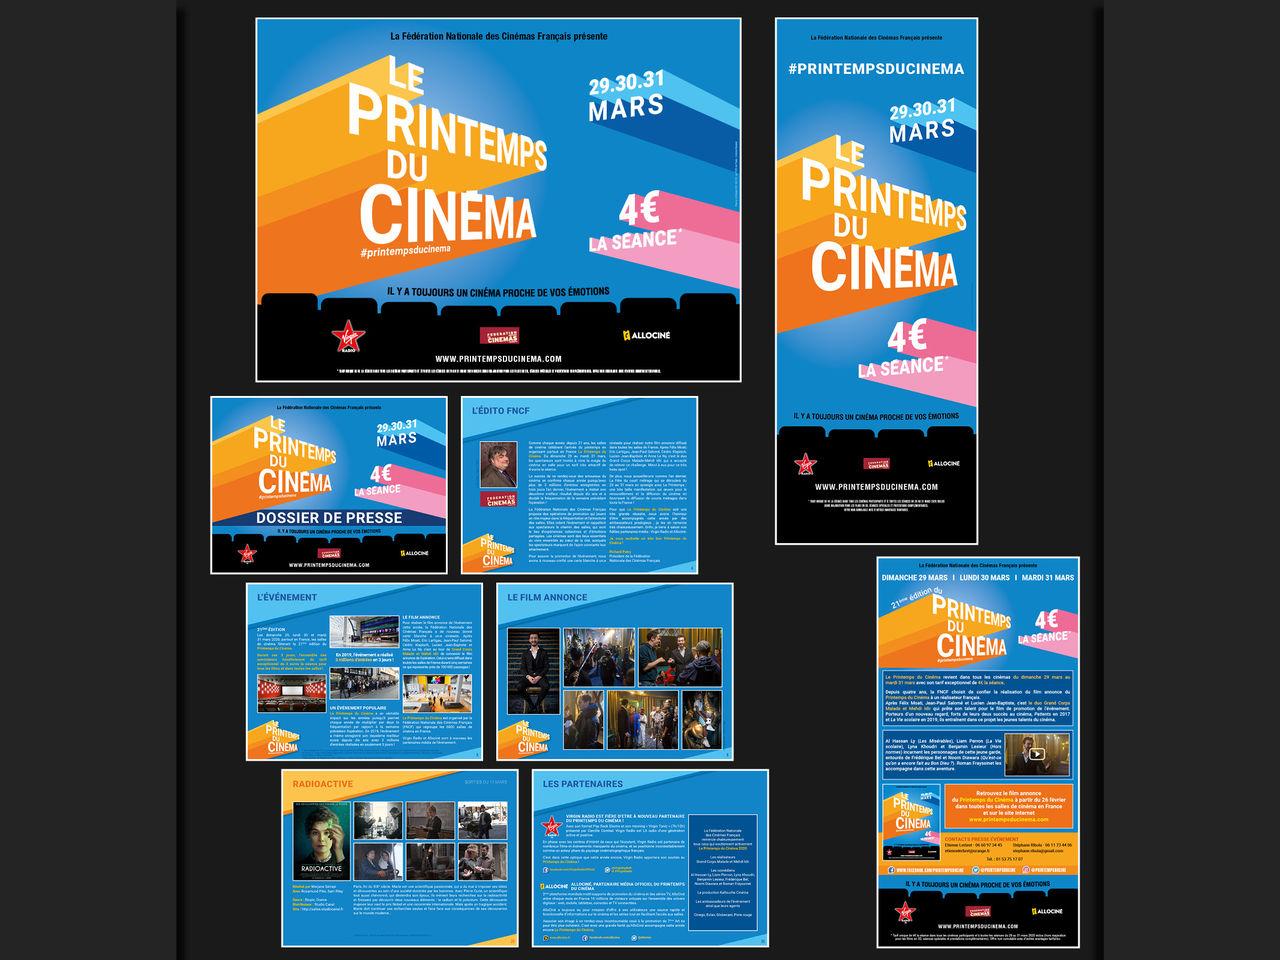 Printemps du Cinéma 2020